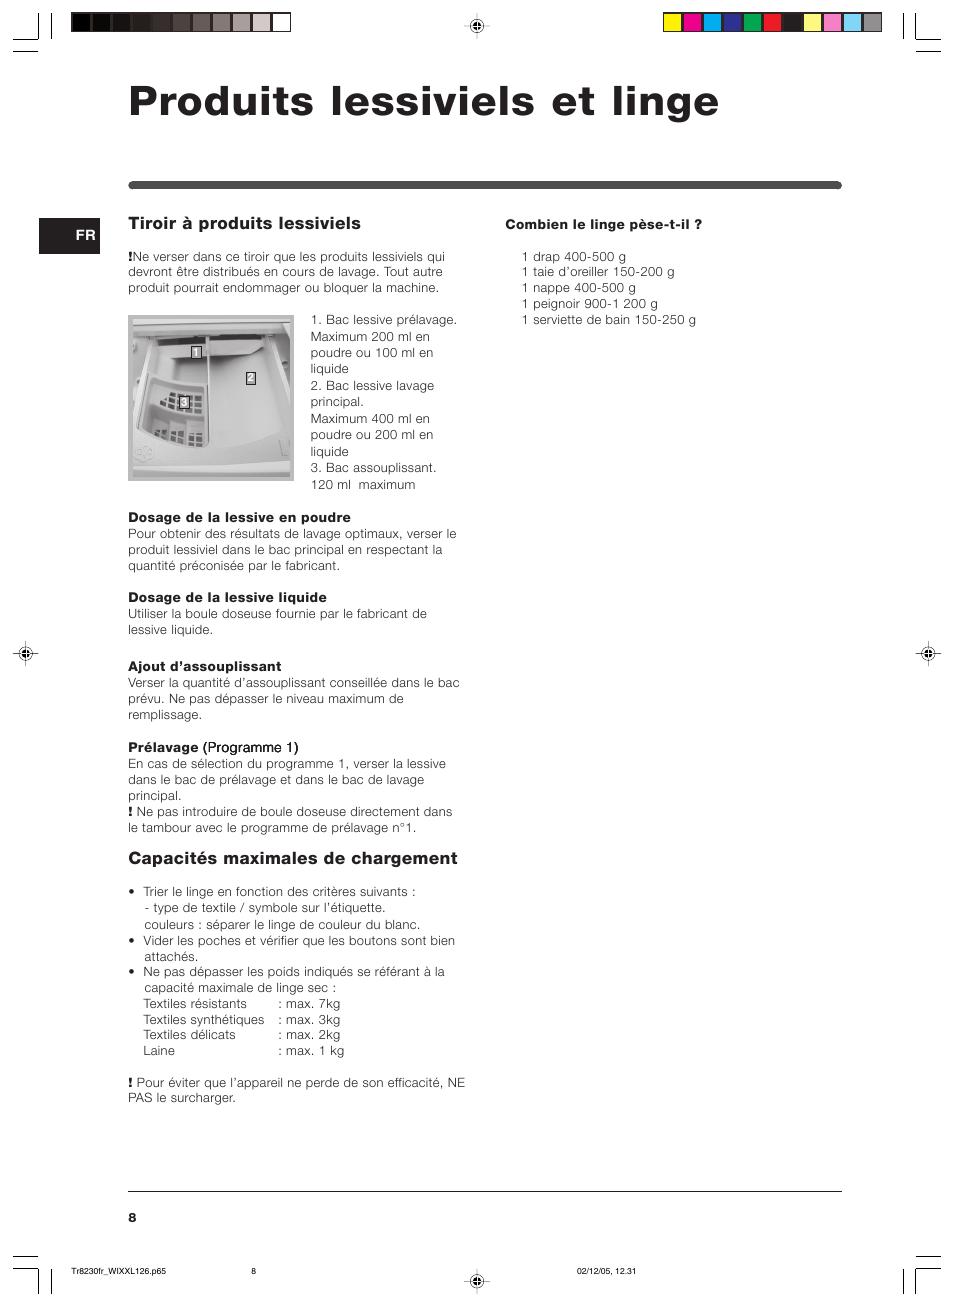 Super Produits lessiviels et linge, Tiroir à produits lessiviels  DX29